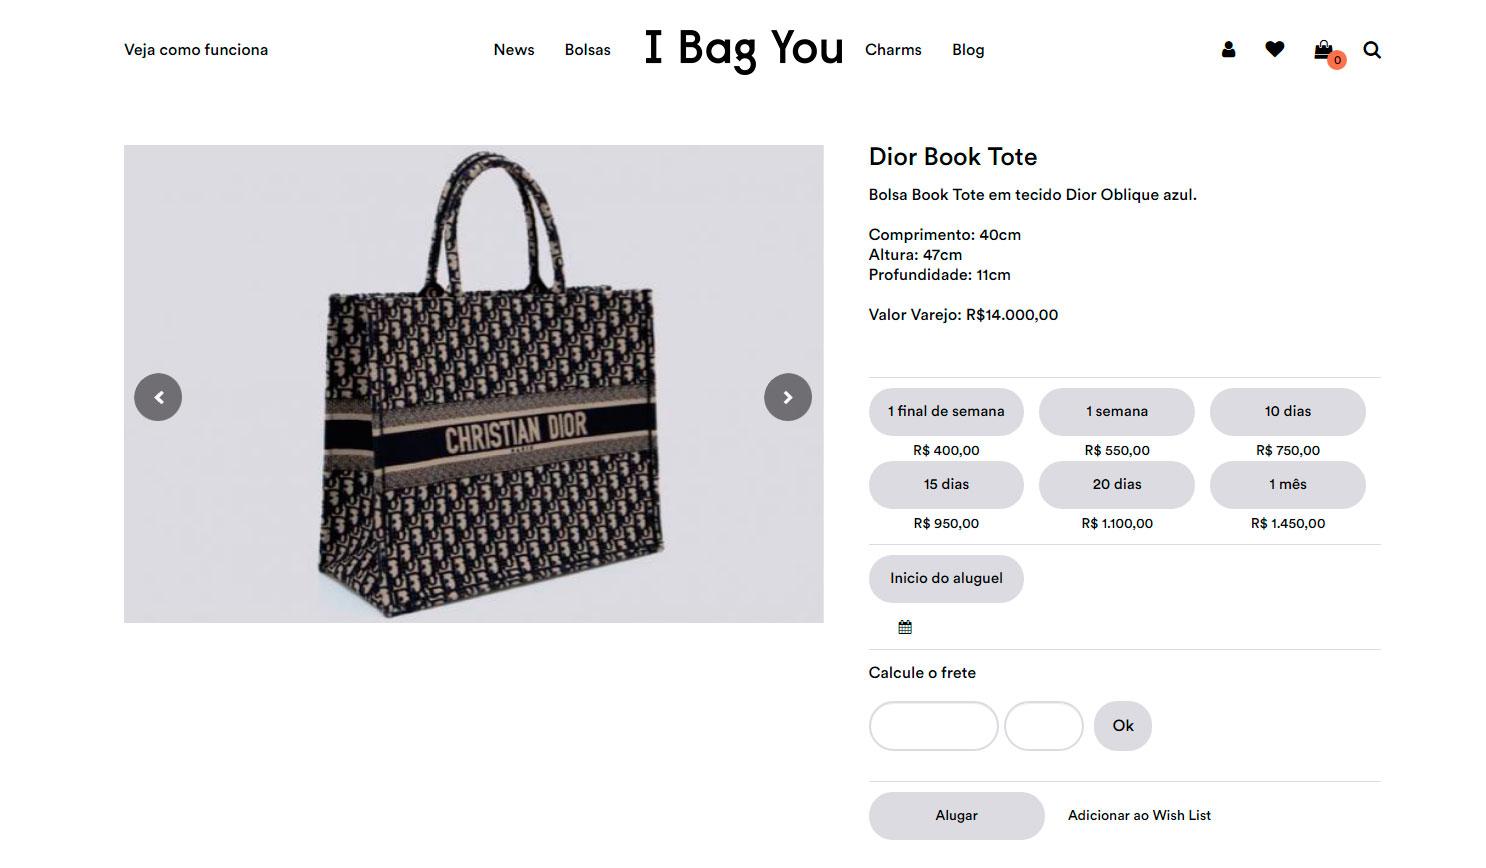 Bolsa Book Tote da Dior é queridinha das famosas